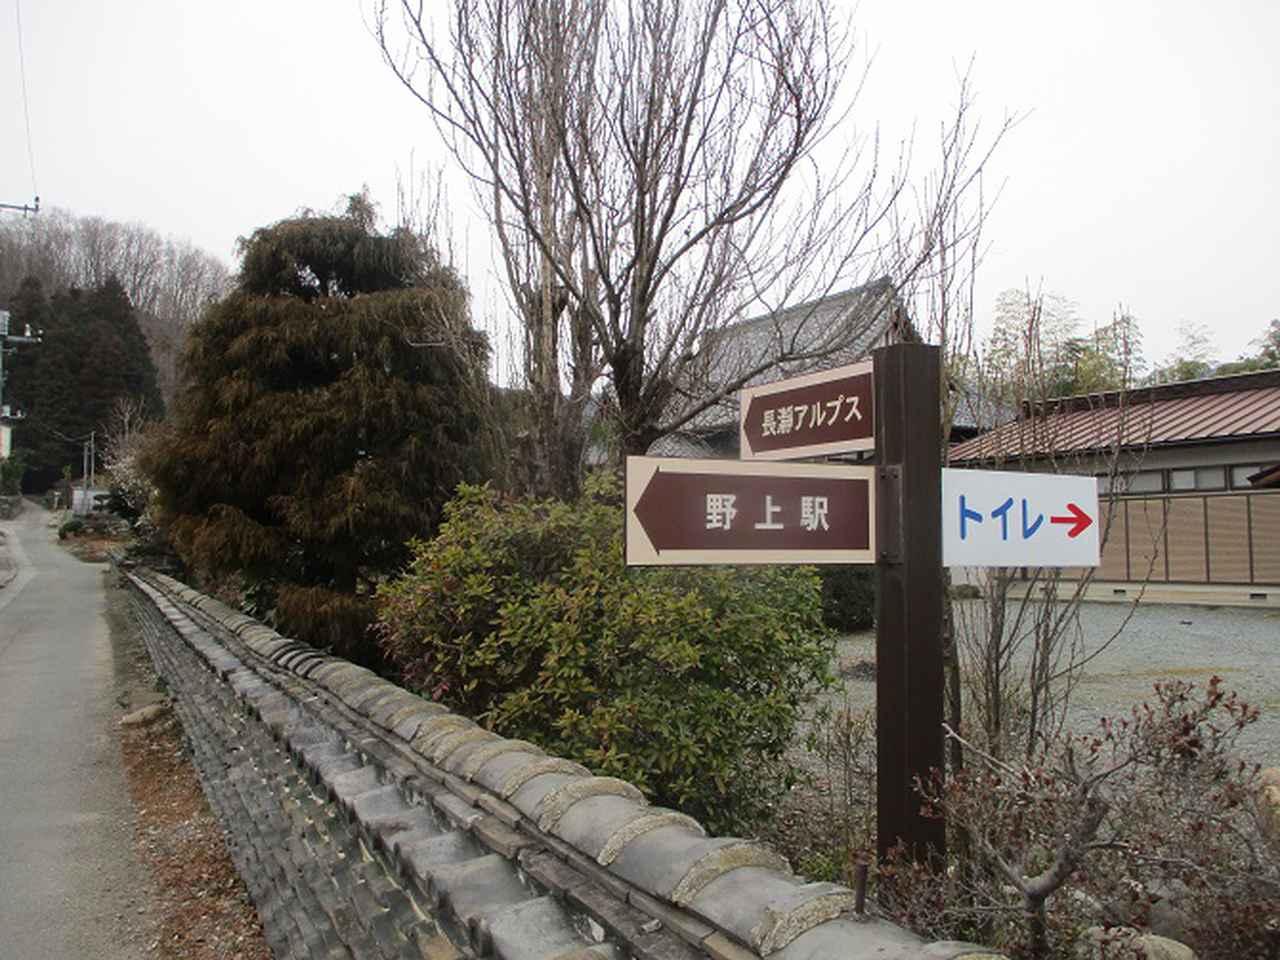 画像1: 来年冬の企画素材を探して長瀞アルプスを歩いてきました!